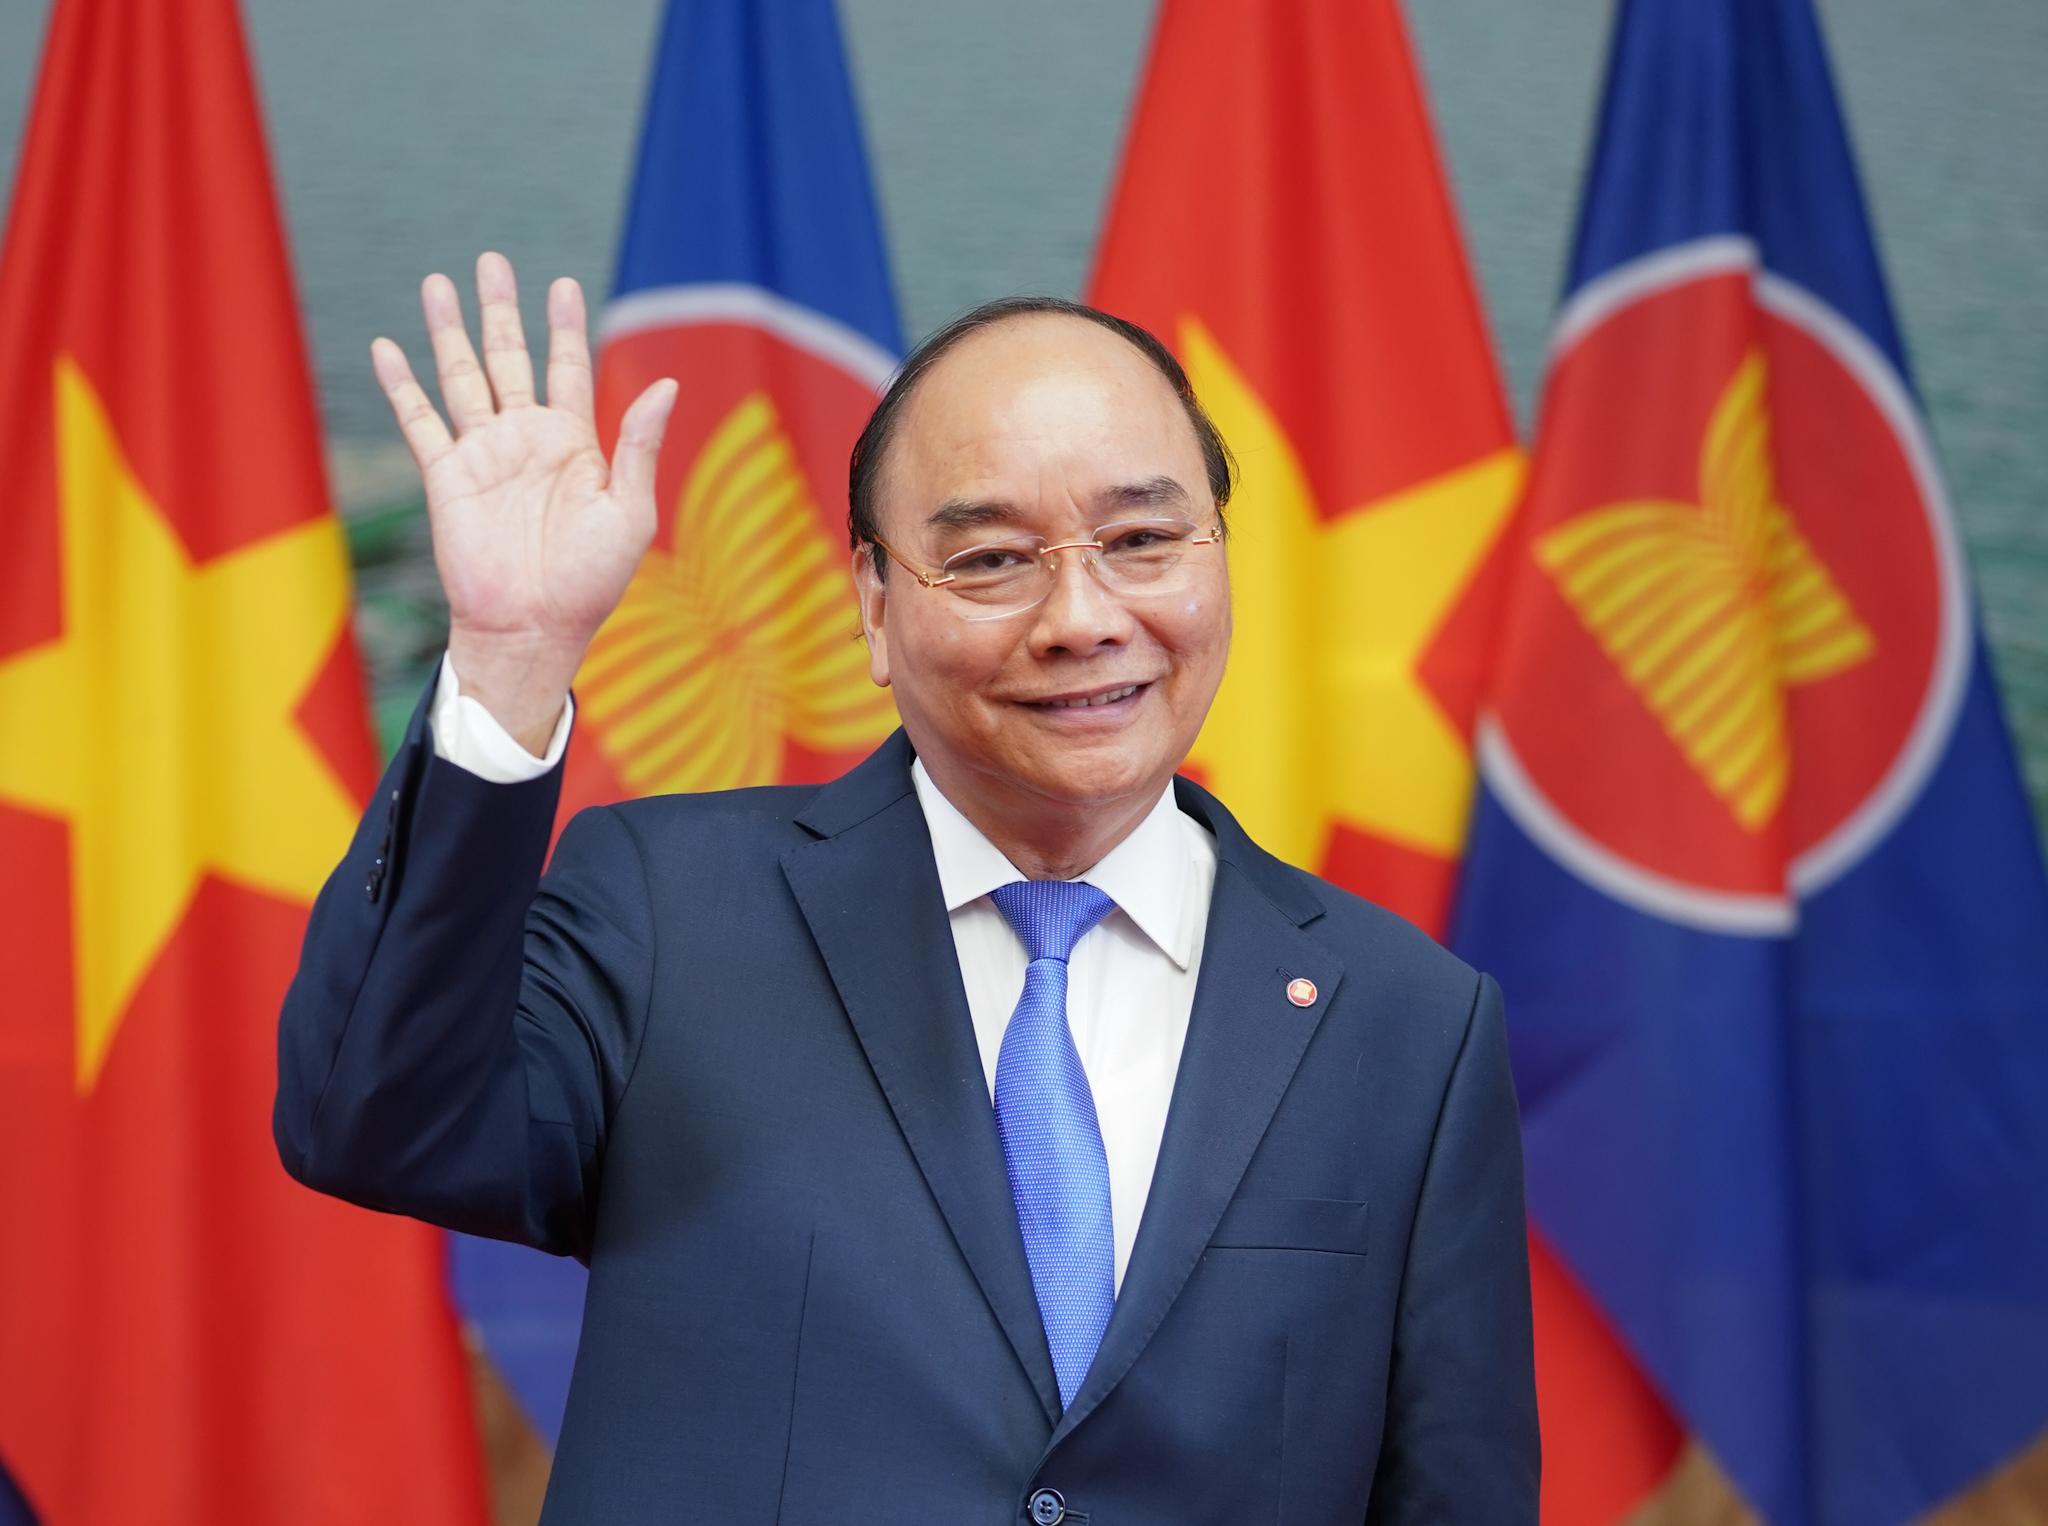 Thông điệp của Thủ tướng nhân kỷ niệm 53 năm thành lập ASEAN và 25 năm Việt Nam gia nhập ASEAN